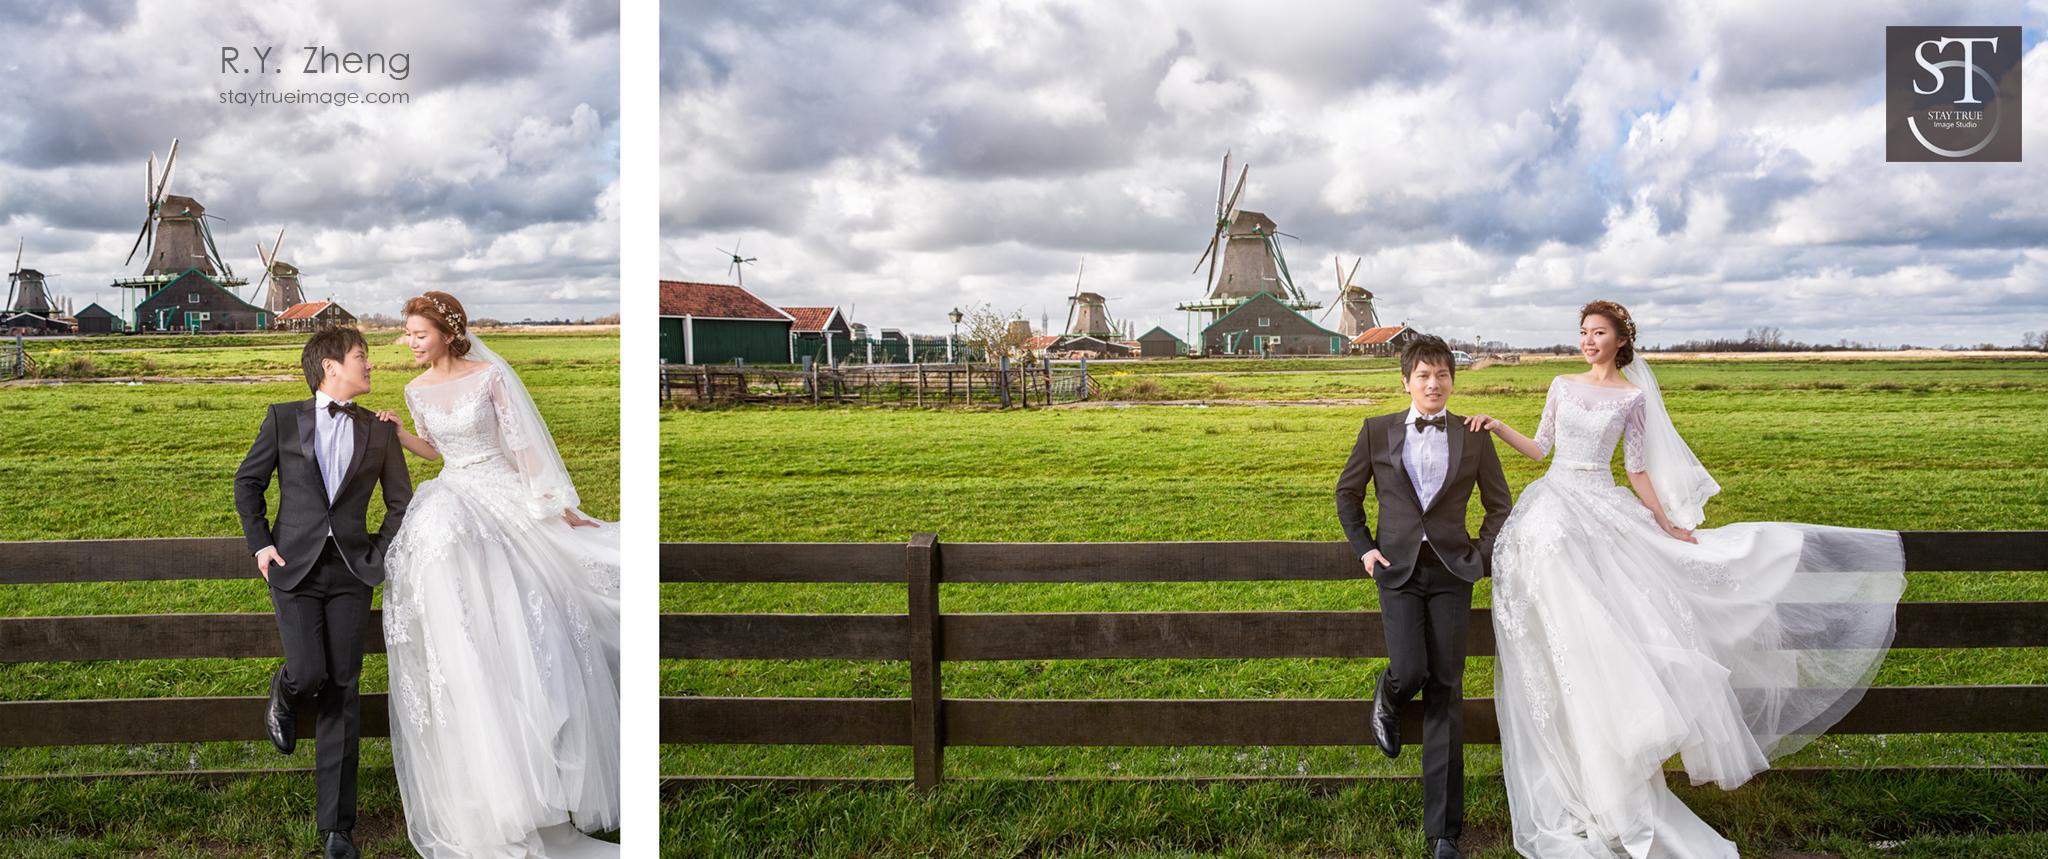 荷蘭 風車 婚紗